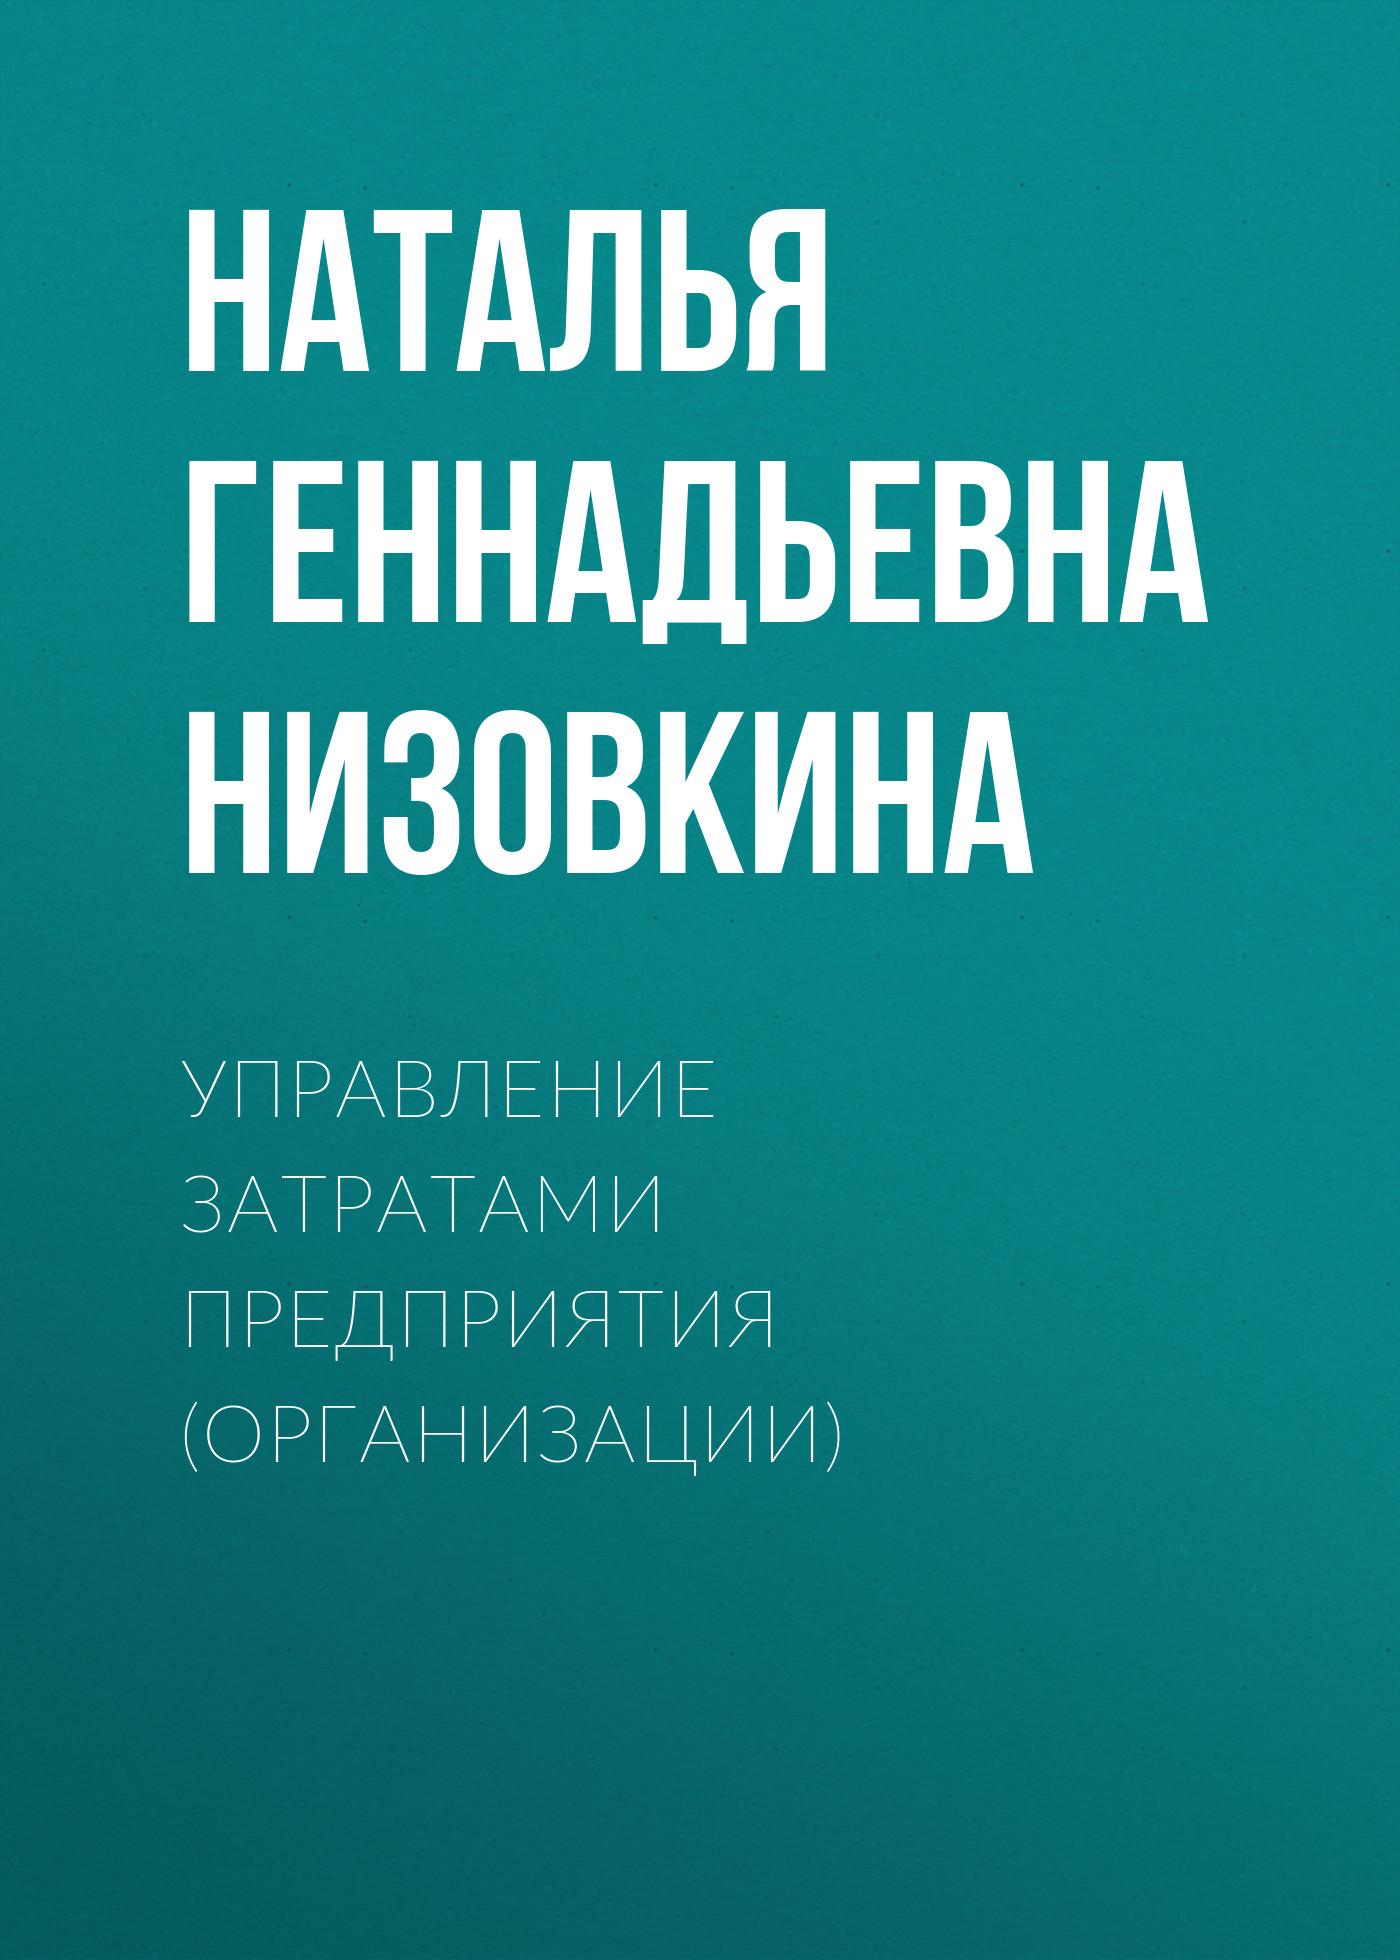 Наталья Геннадьевна Низовкина Управление затратами предприятия (организации) елена алексеевна душенькина экономика предприятия